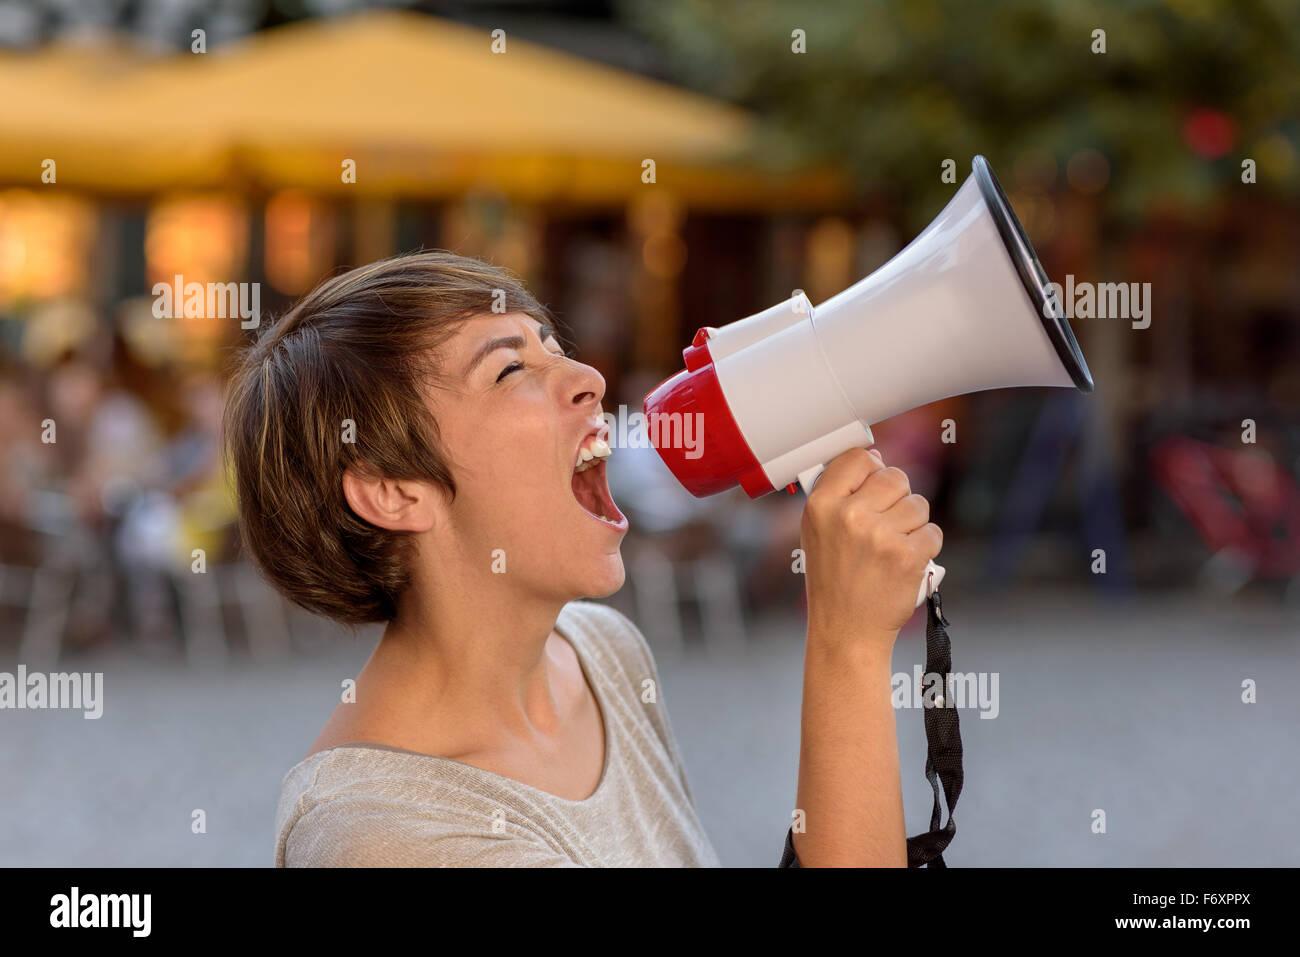 Joven enojado gritando en un megáfono como ella se sitúa en una calle urbana, ventilando sus frustraciones durante Foto de stock